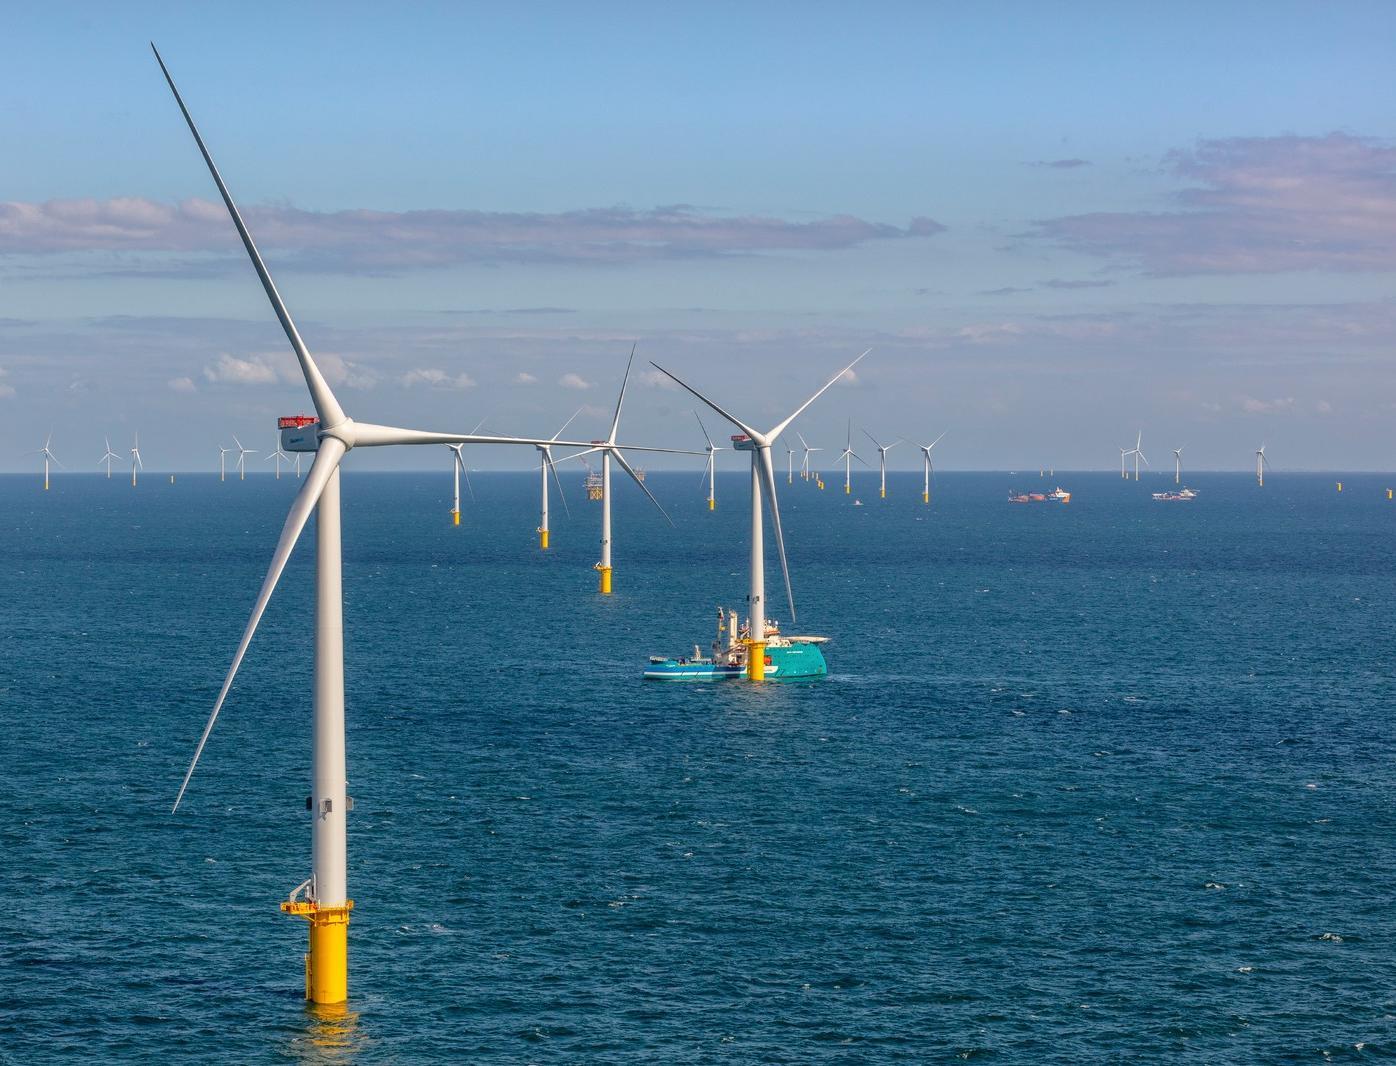 В 2020 году Шотландия получила 97% электроэнергии из возобновляемых источников